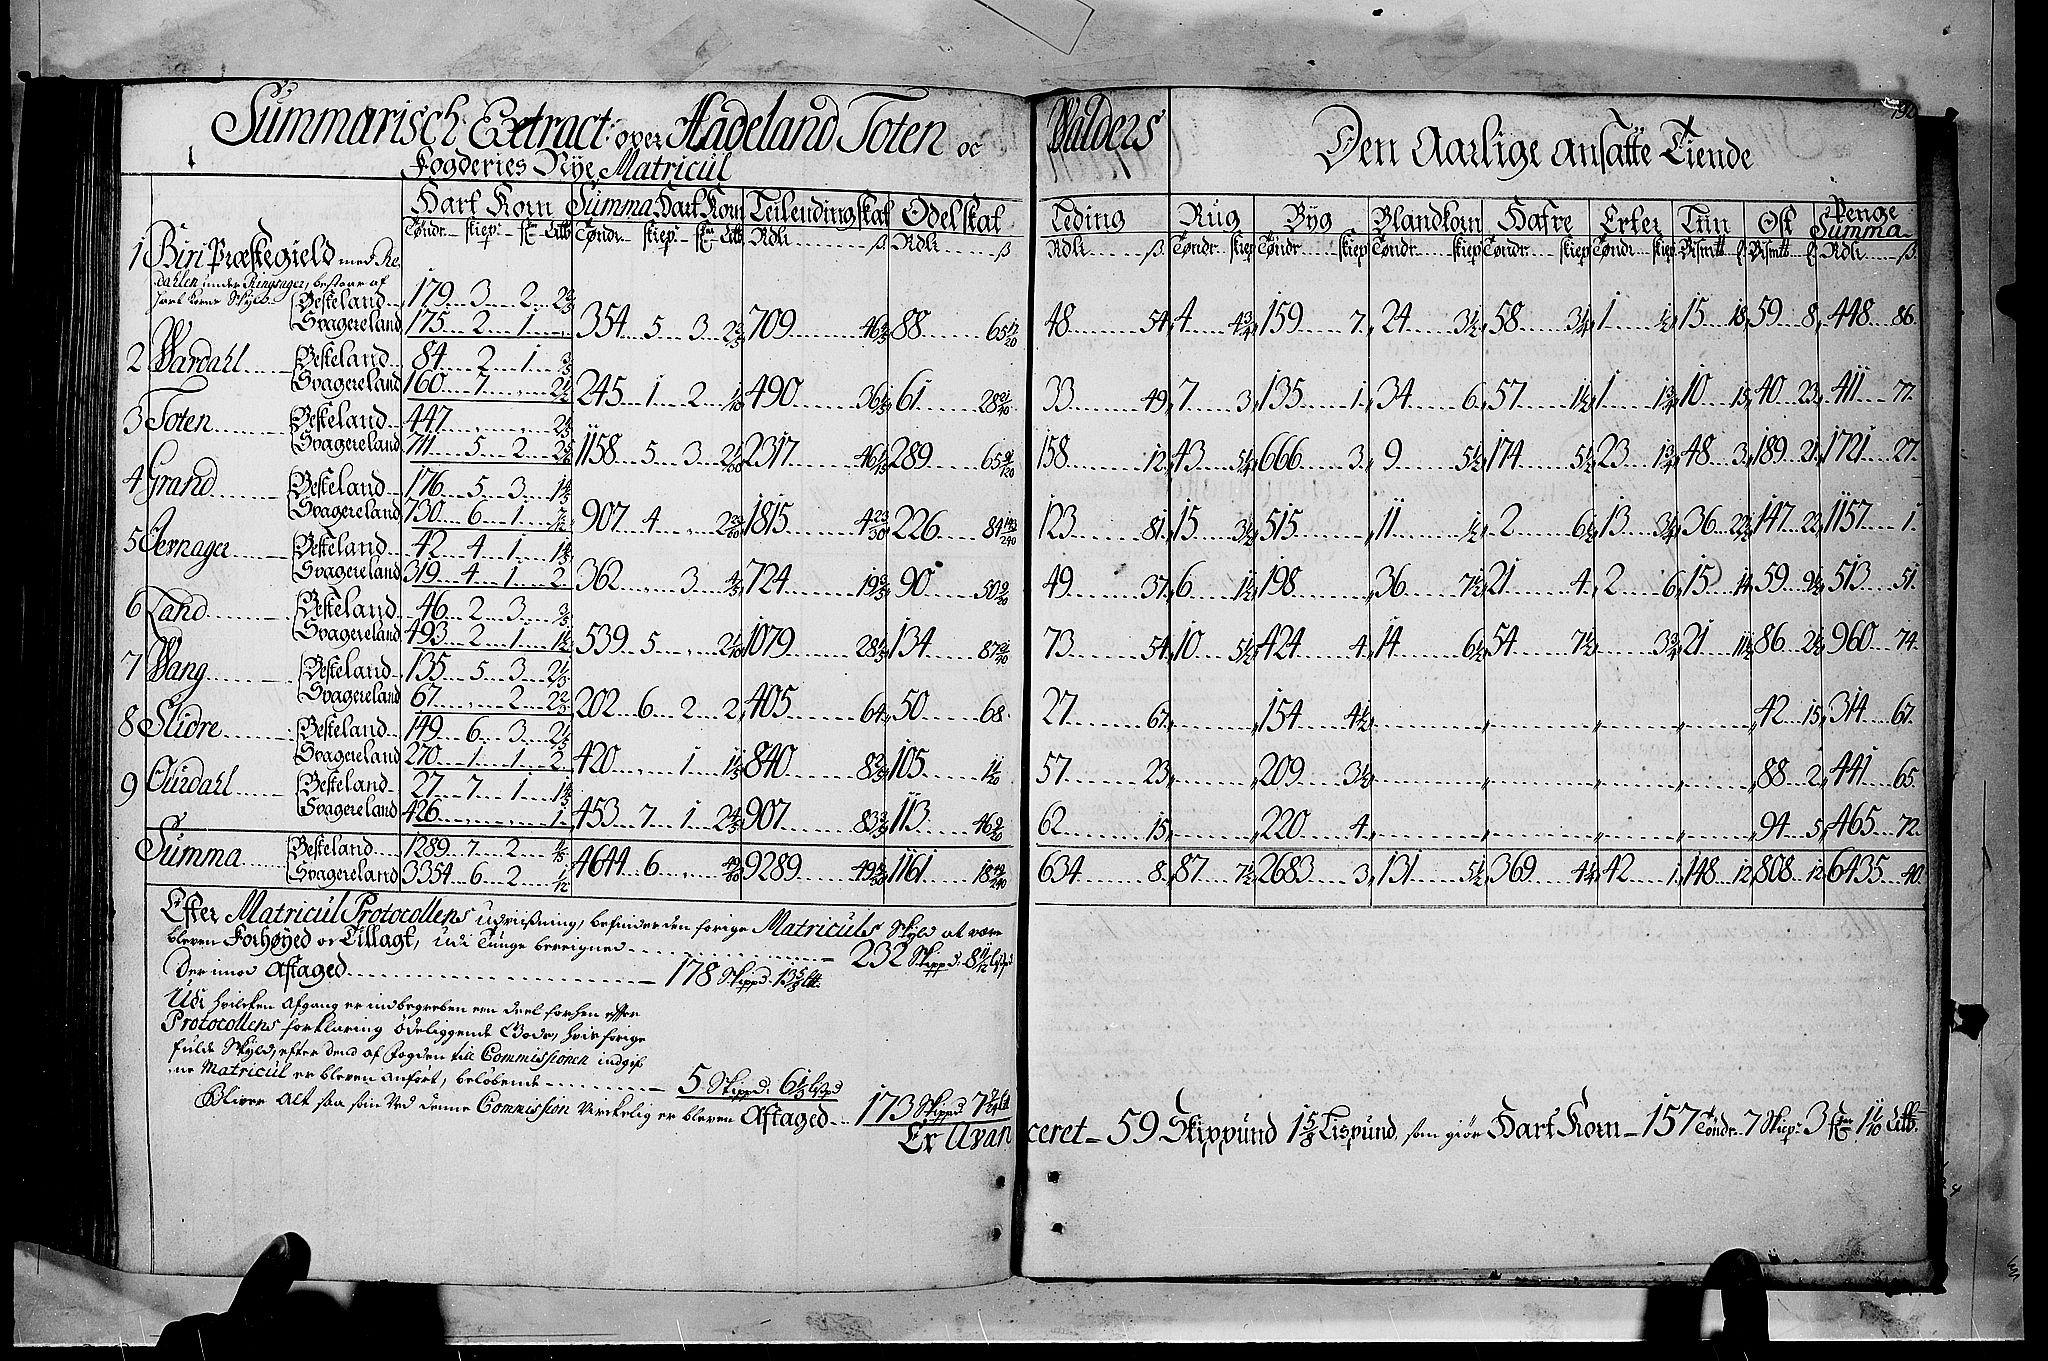 RA, Rentekammeret inntil 1814, Realistisk ordnet avdeling, N/Nb/Nbf/L0105: Hadeland, Toten og Valdres matrikkelprotokoll, 1723, s. 191b-192a